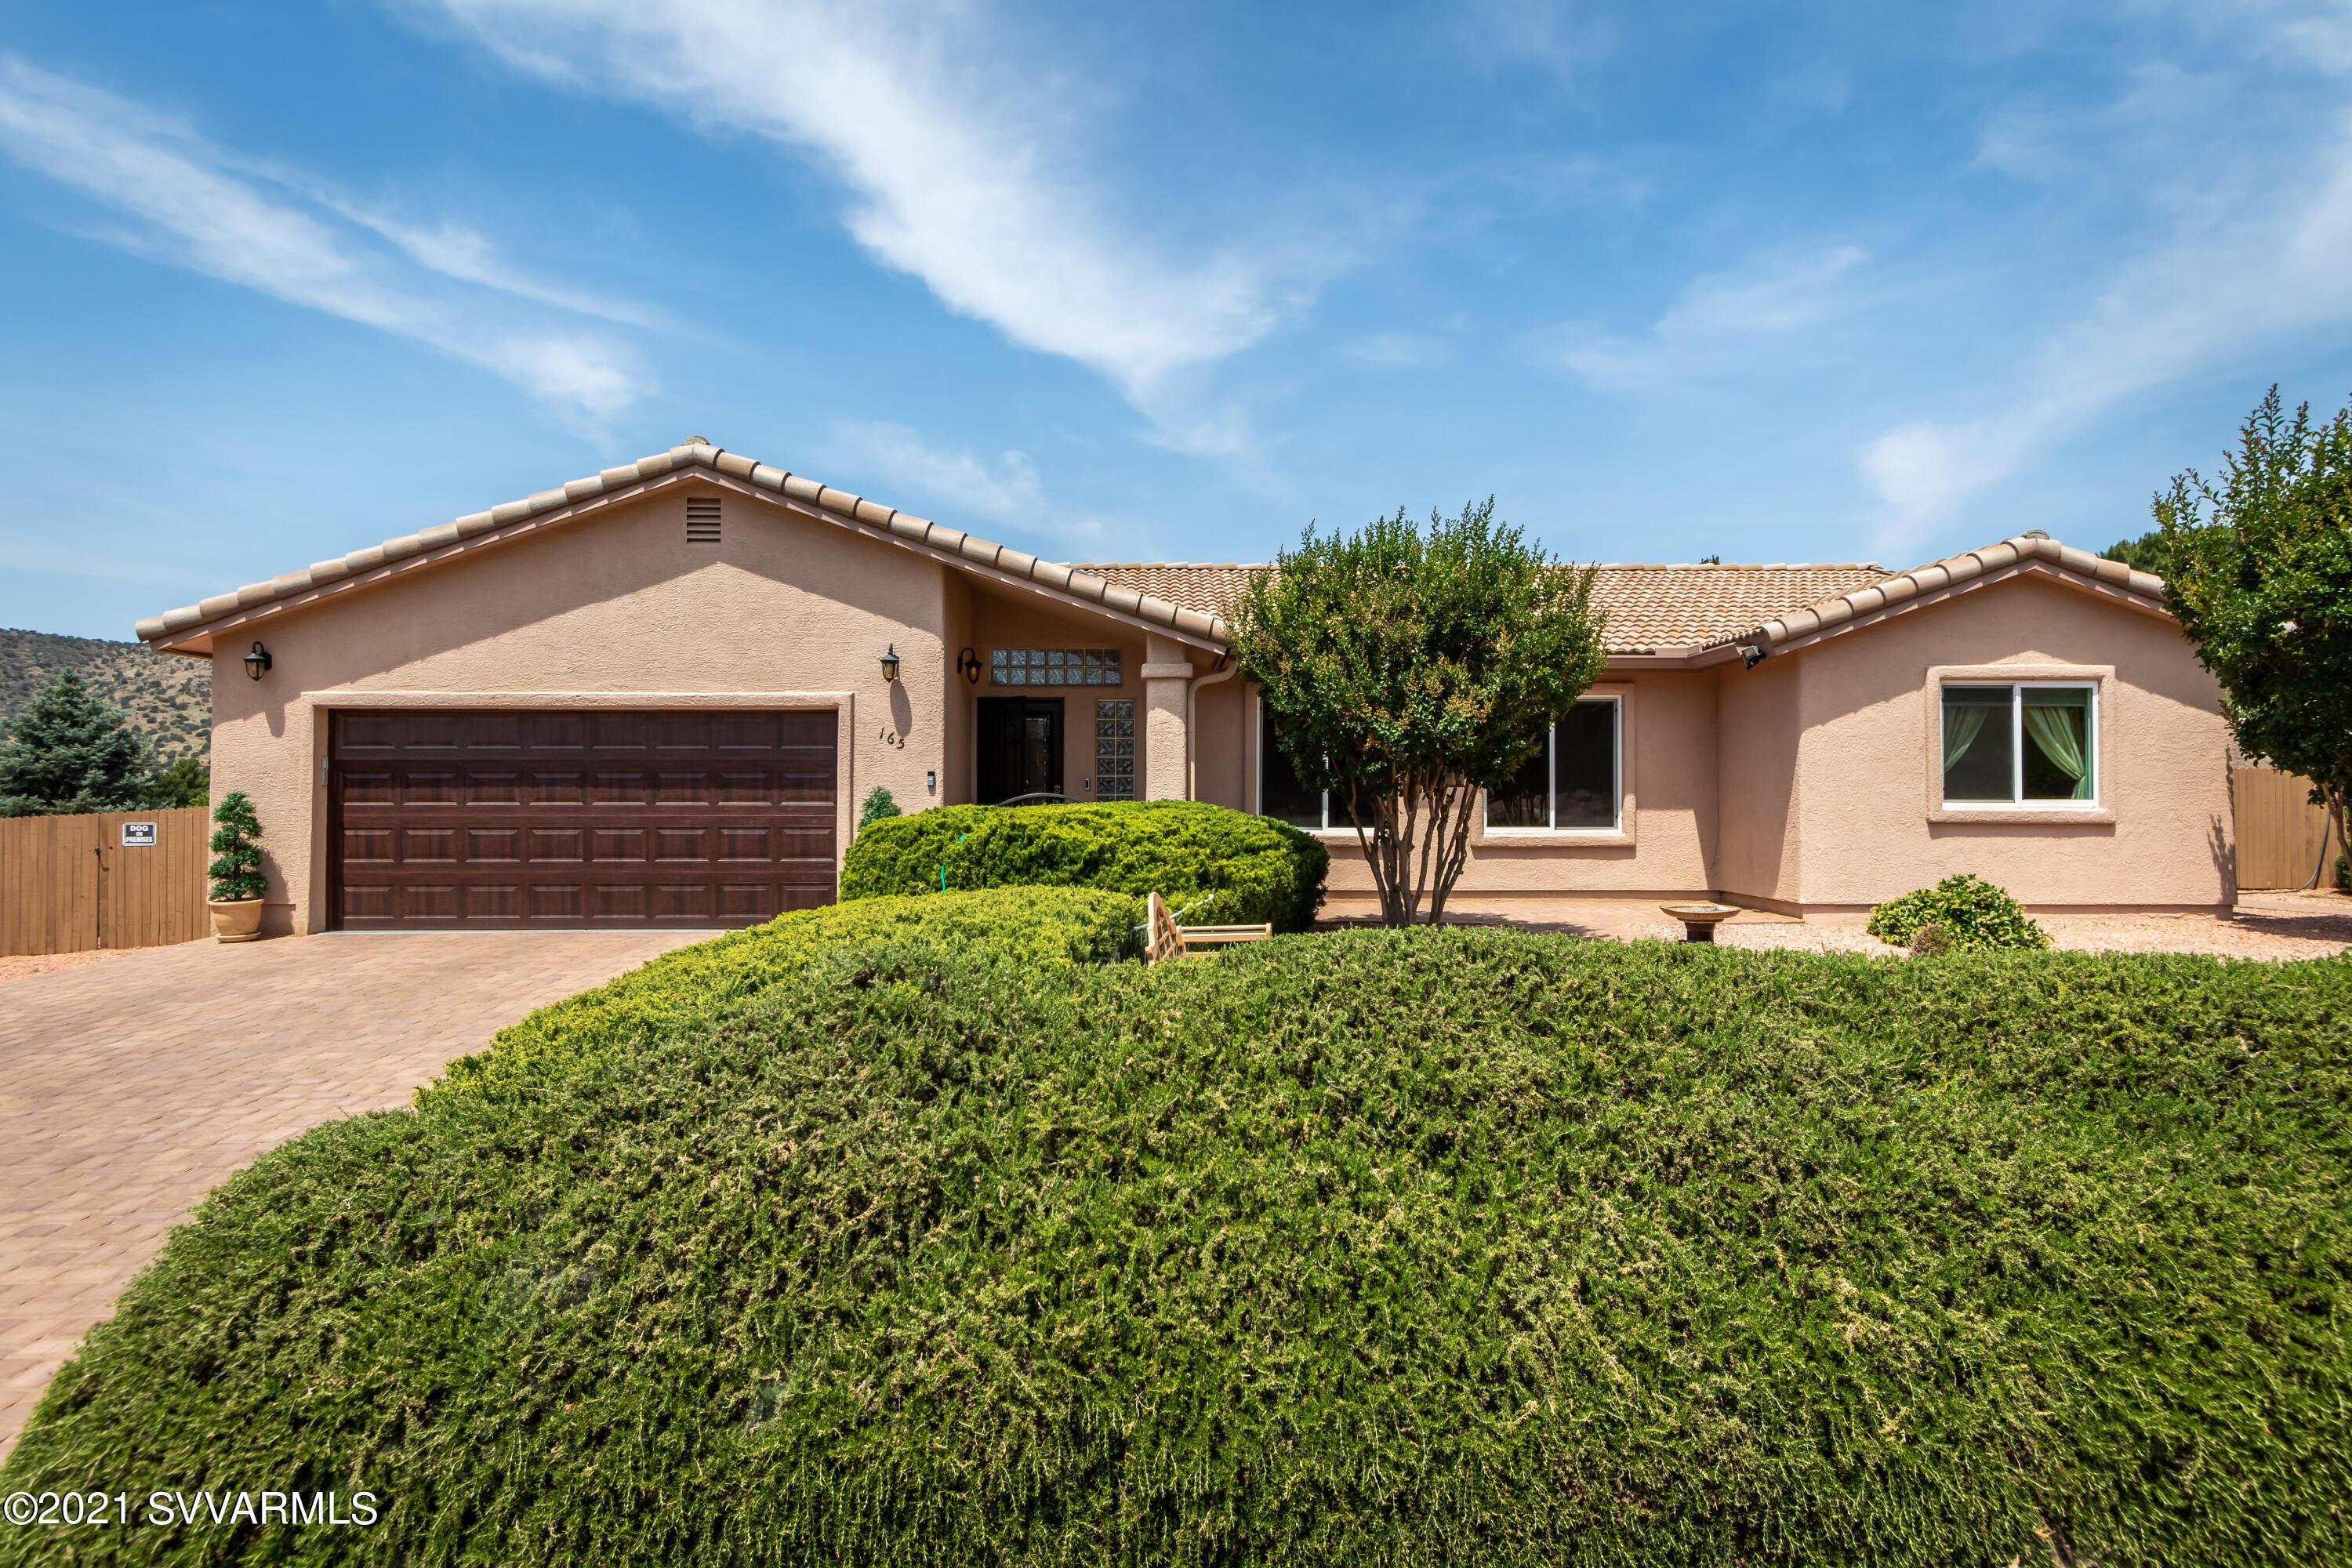 165 Redrock Rd Sedona, AZ 86351